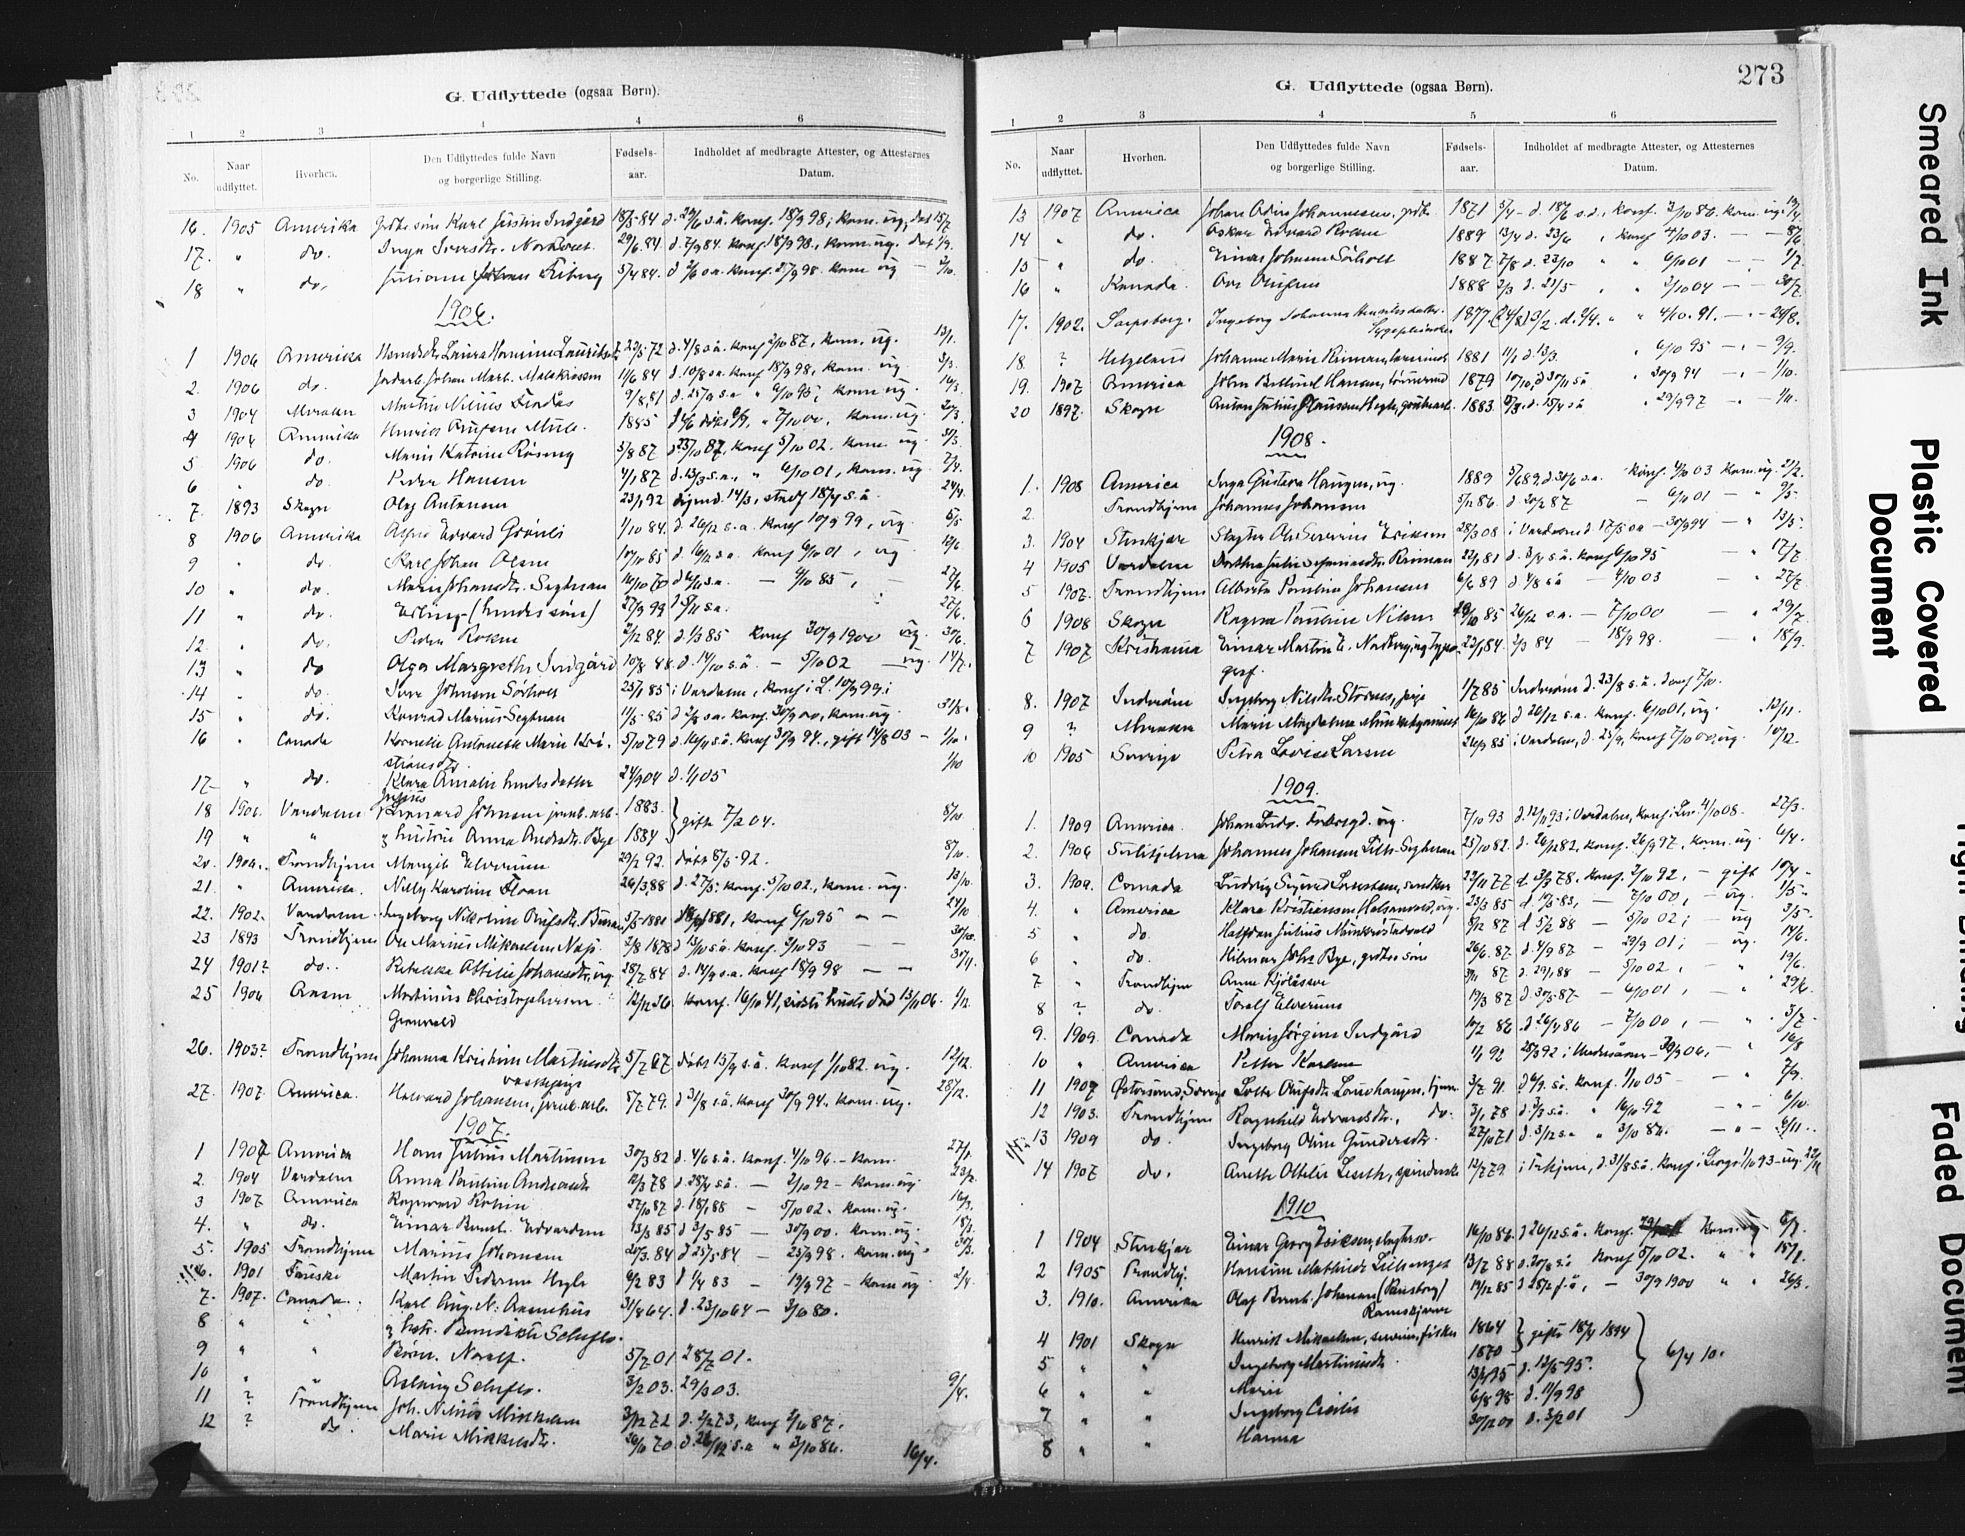 SAT, Ministerialprotokoller, klokkerbøker og fødselsregistre - Nord-Trøndelag, 721/L0207: Ministerialbok nr. 721A02, 1880-1911, s. 273